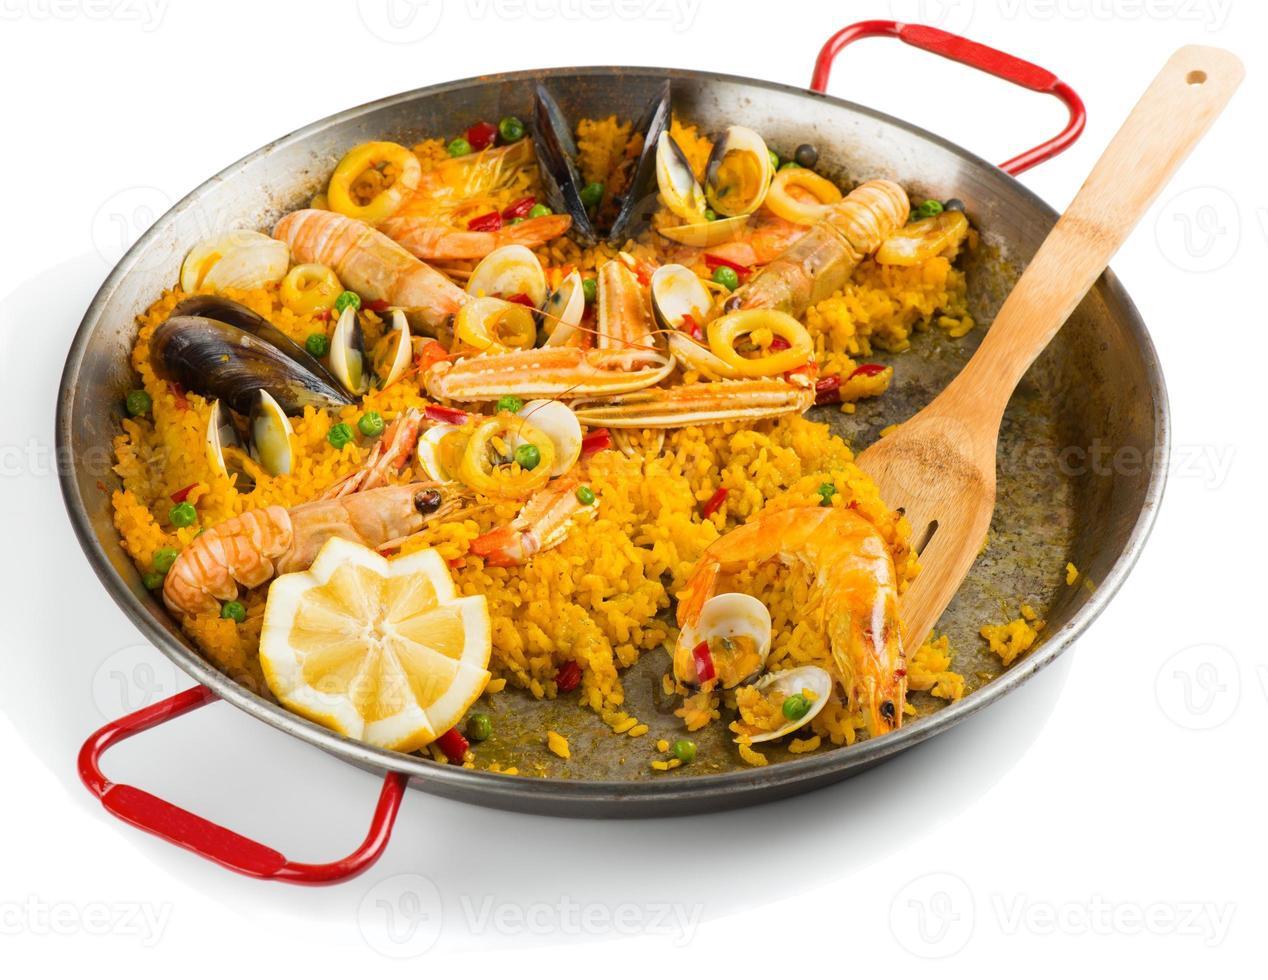 paella, half opgegeten foto